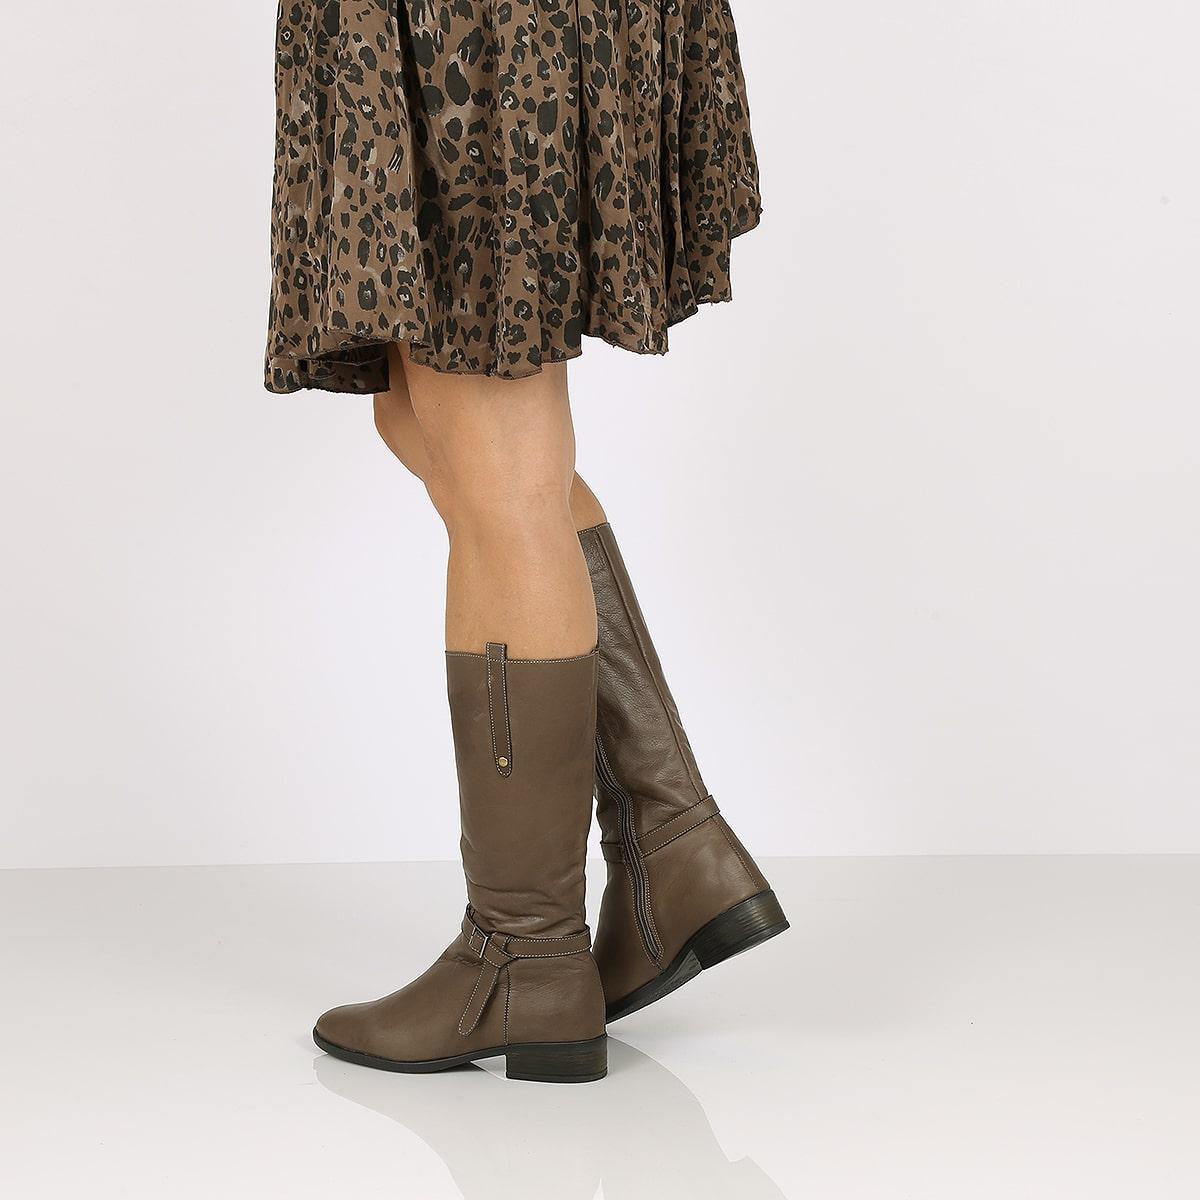 בלעדי לאתר - דגם רות: מגפיים לנשים